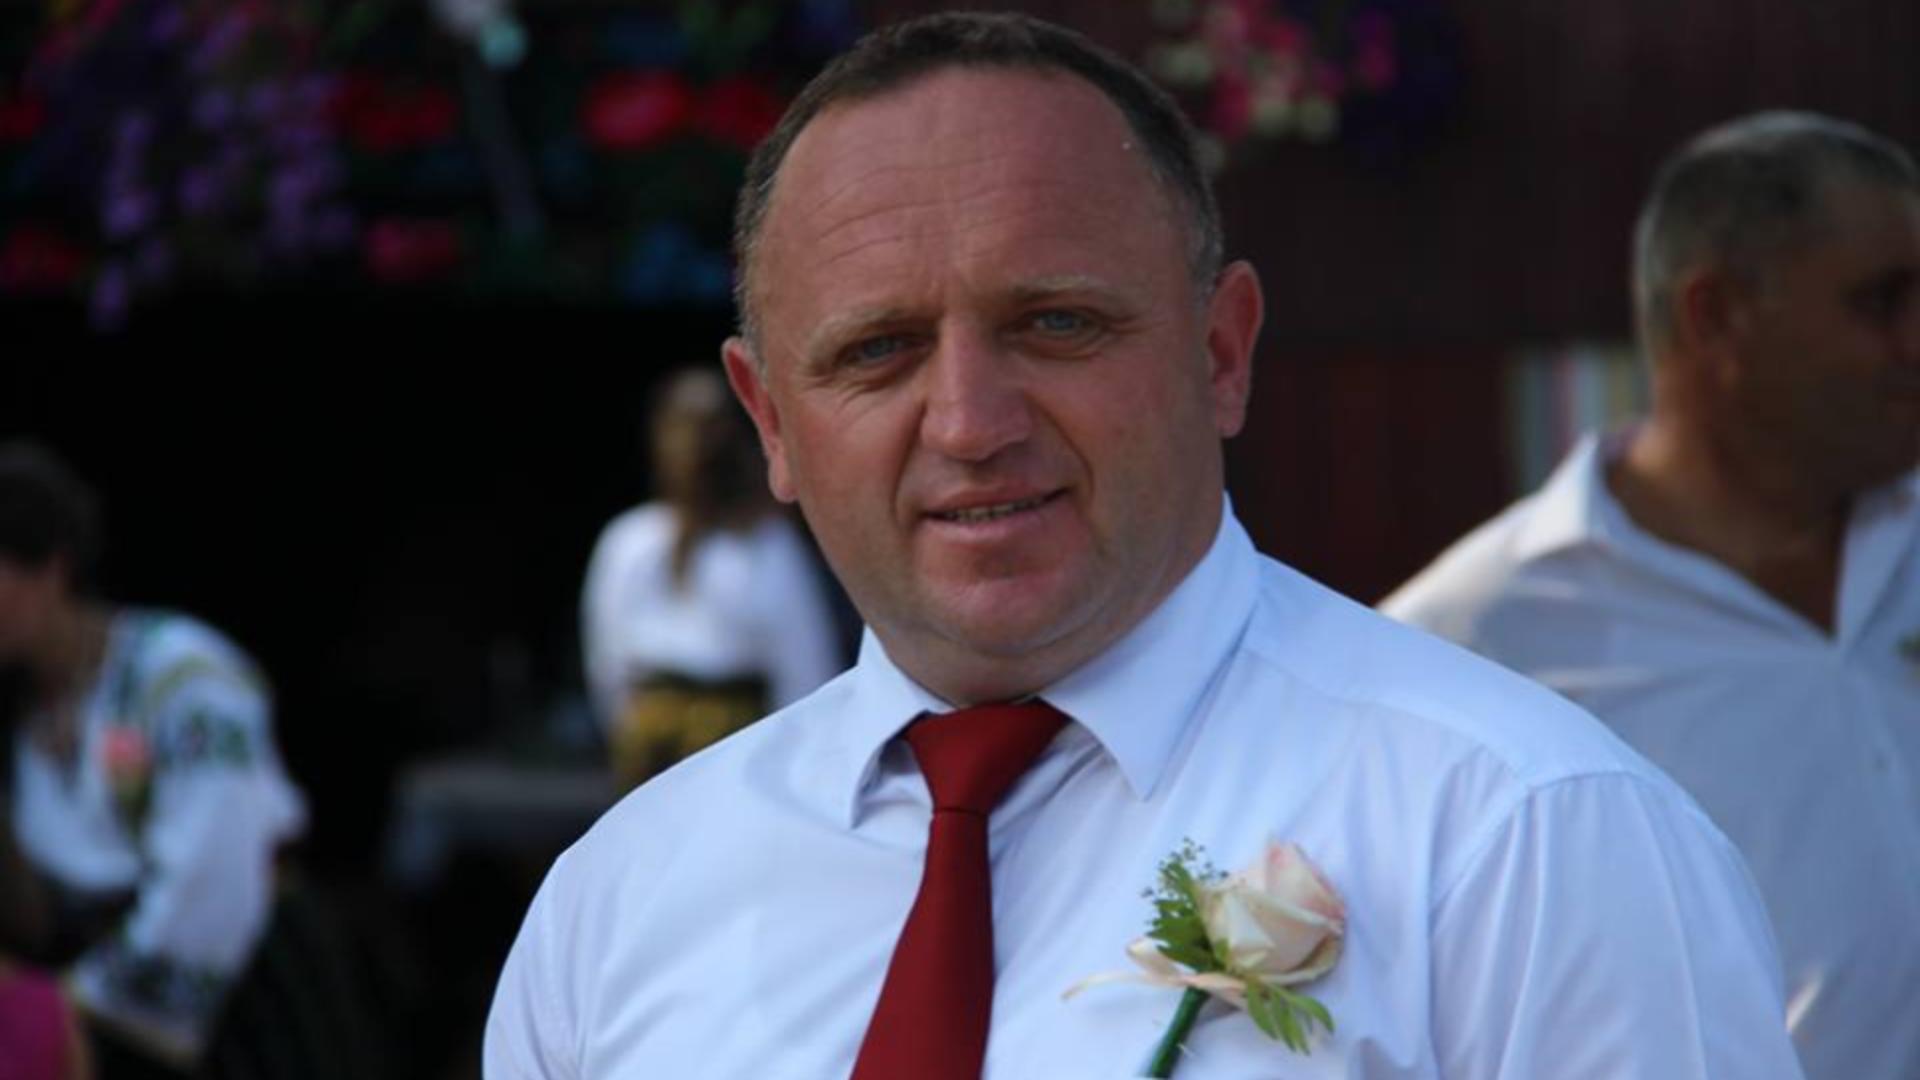 Primarul care l-a bătut pe consilier a dispărut din comună de două zile. Foto.Facebook